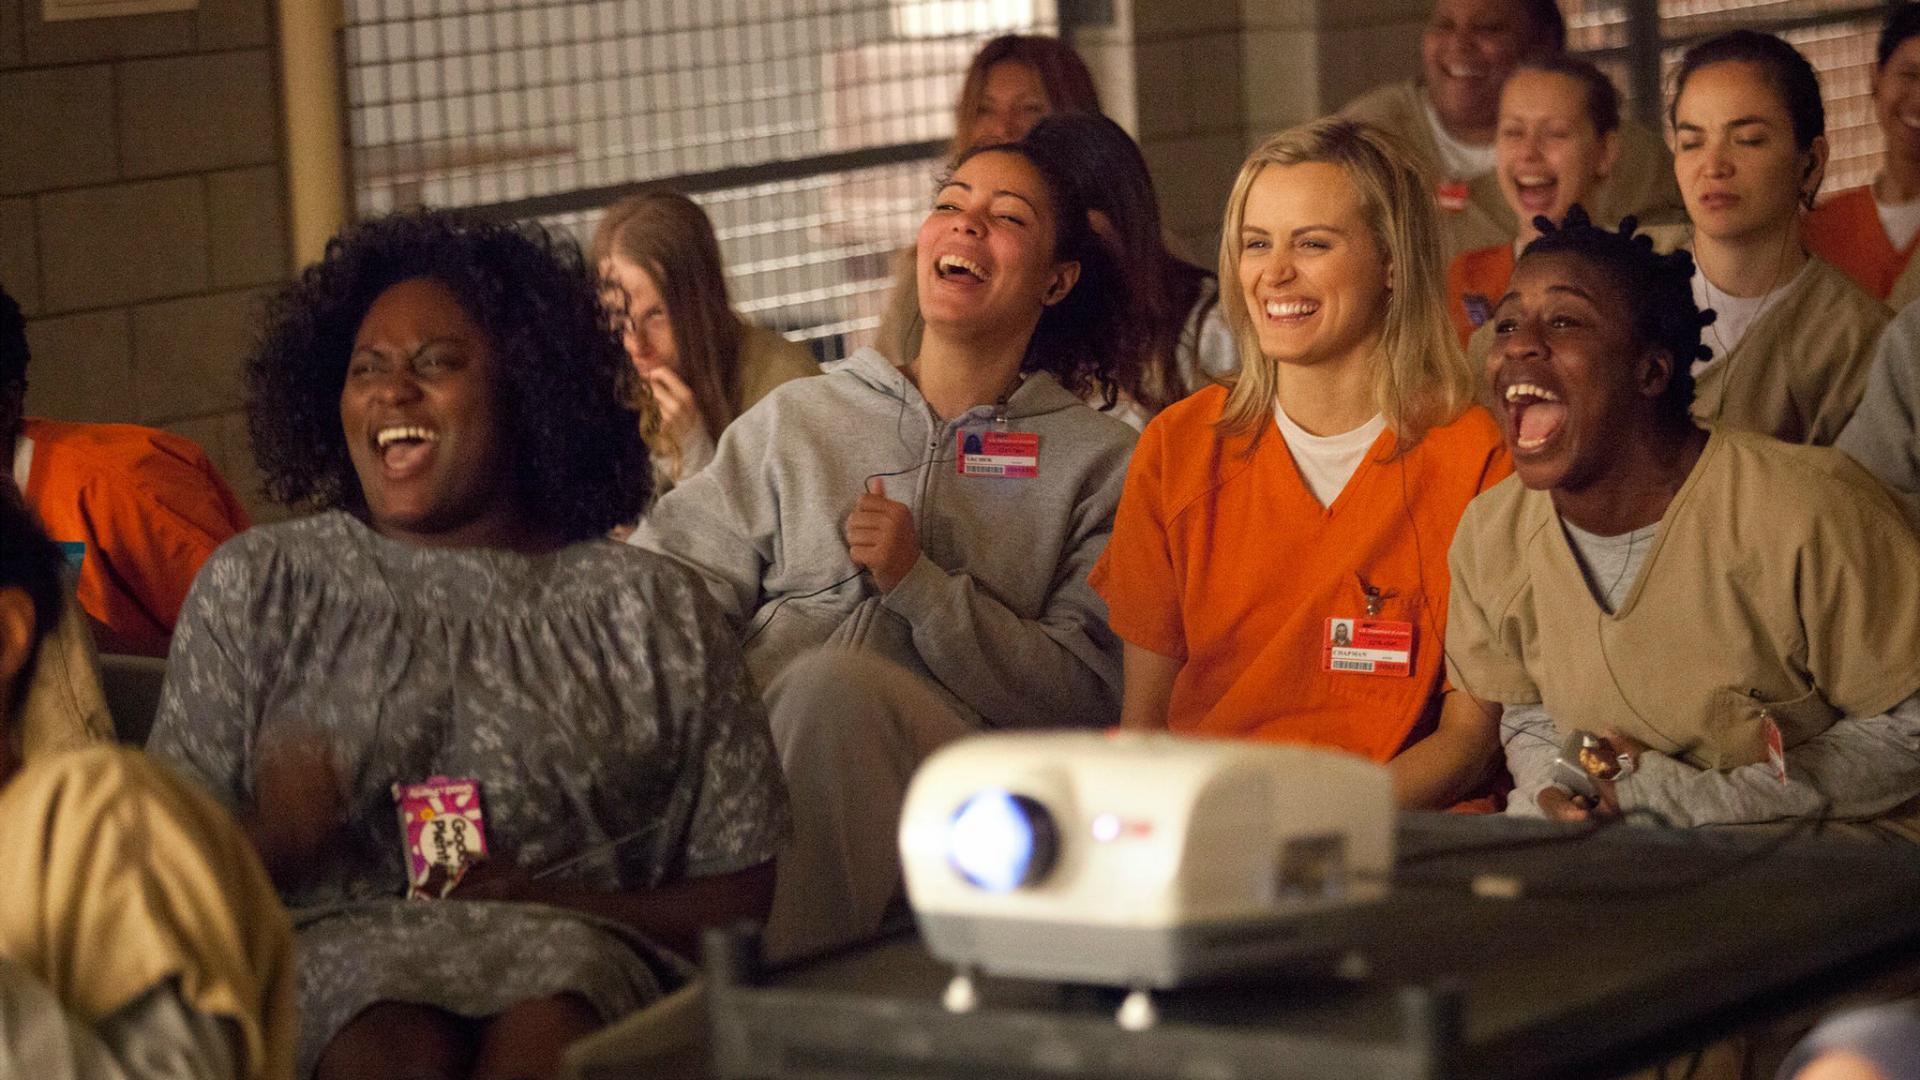 Le prix de votre abonnement Netflix risque d'augmenter